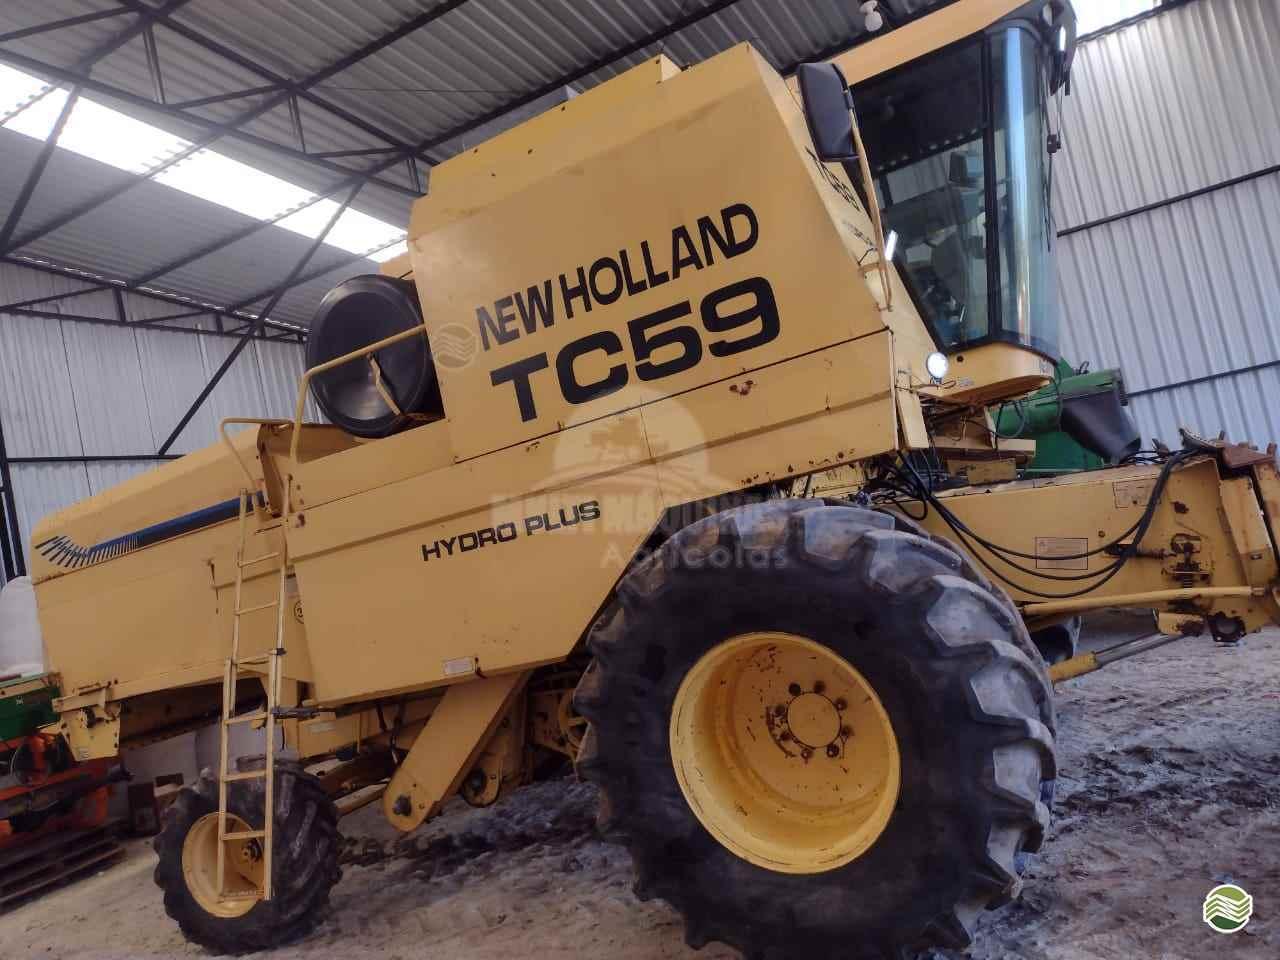 COLHEITADEIRA NEW HOLLAND TC 59 Multi Máquinas SANTA BARBARA DO SUL RIO GRANDE DO SUL RS